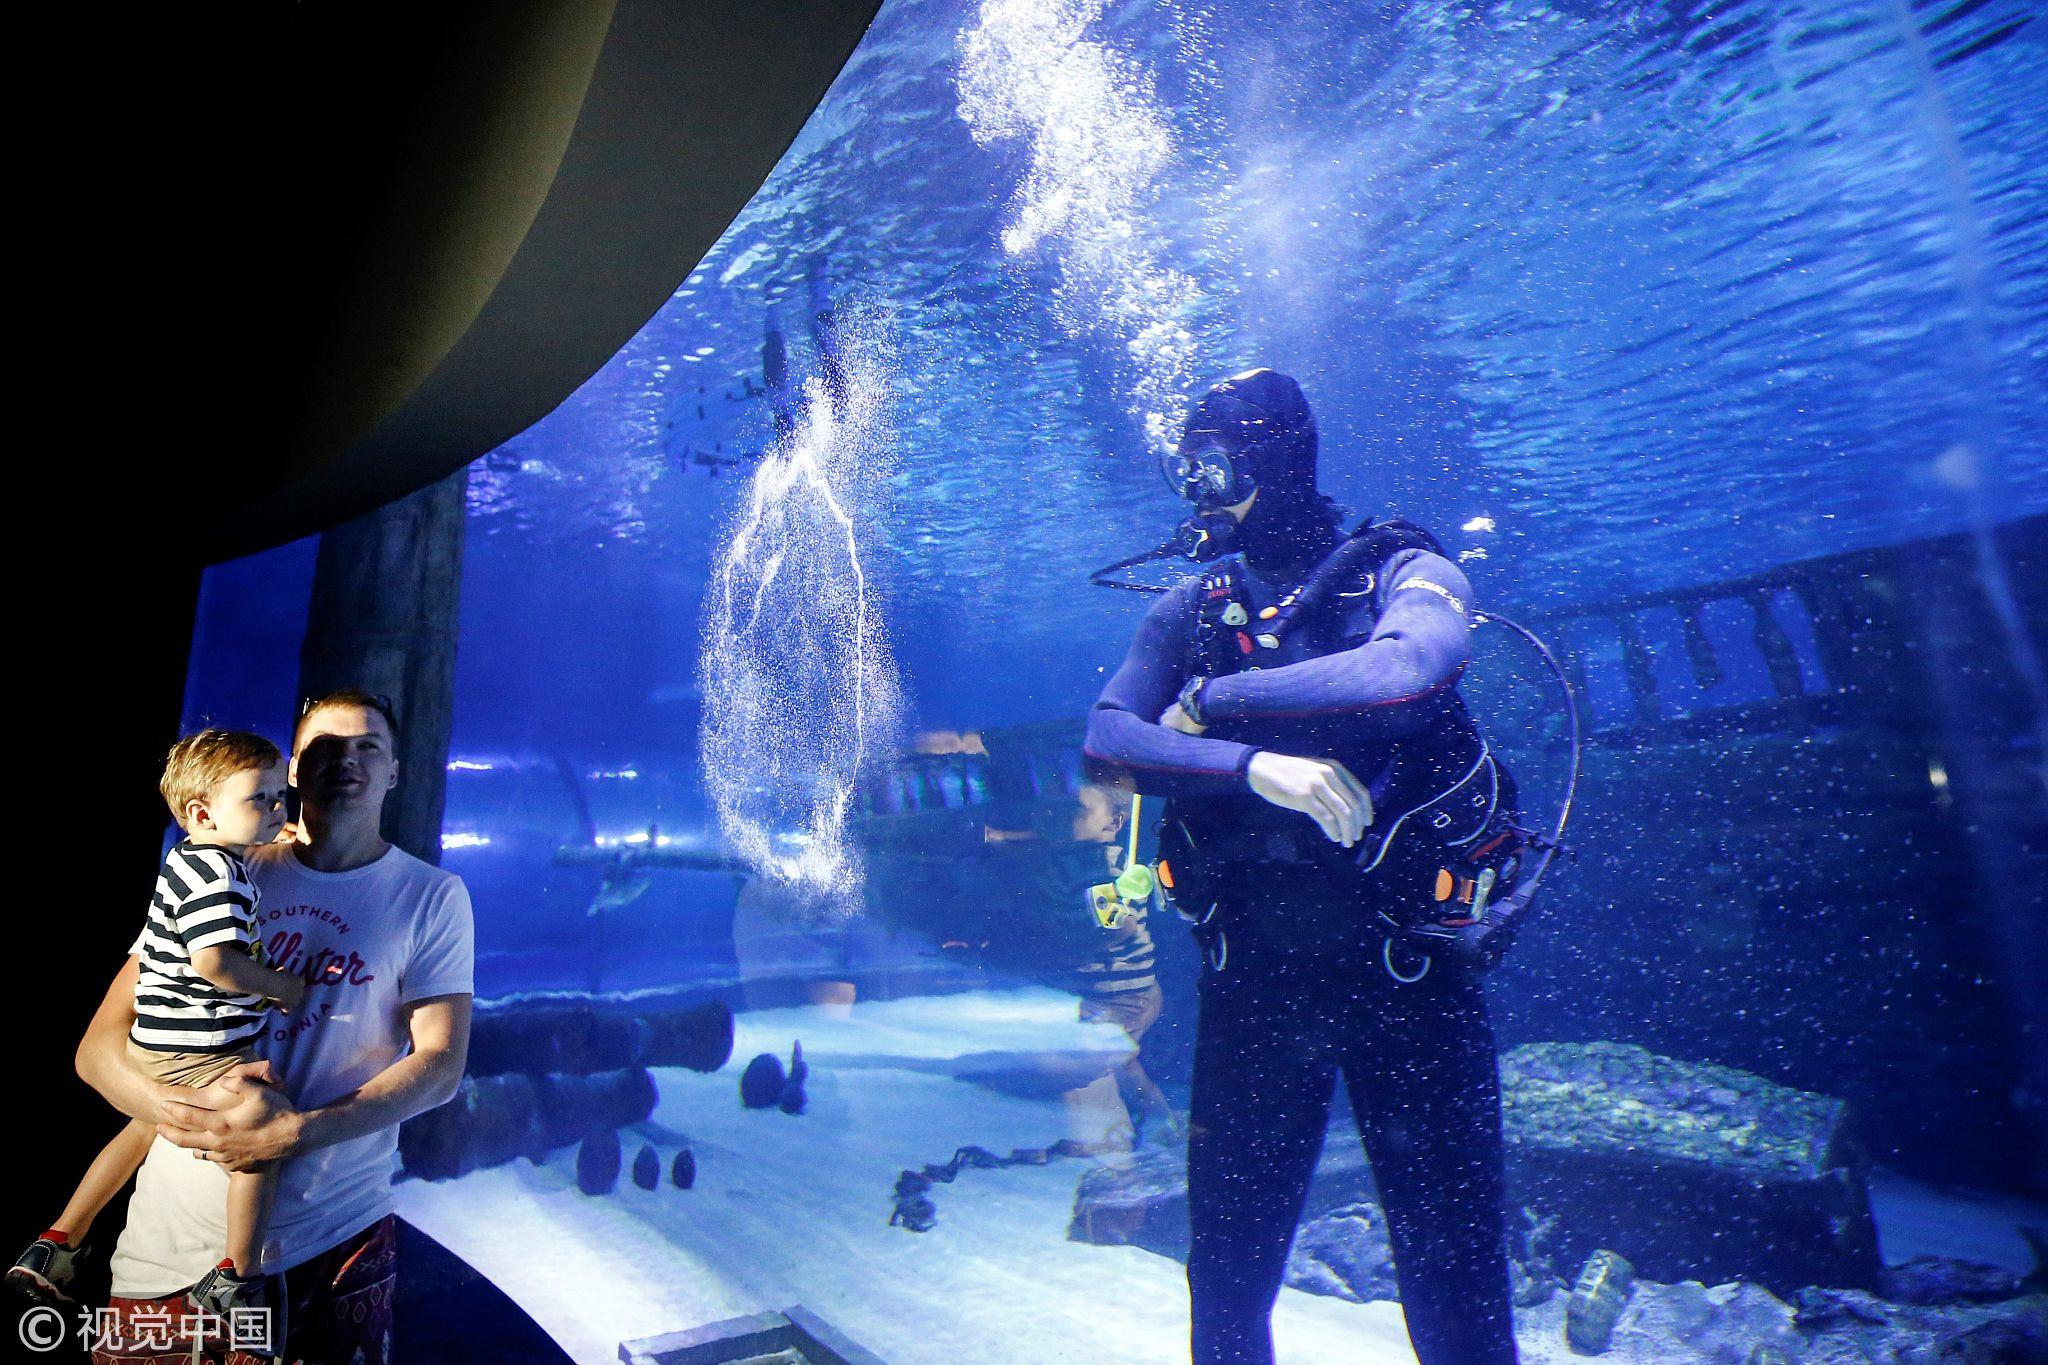 土耳其潜水员畅游131米海底隧道 与鲨鱼共舞